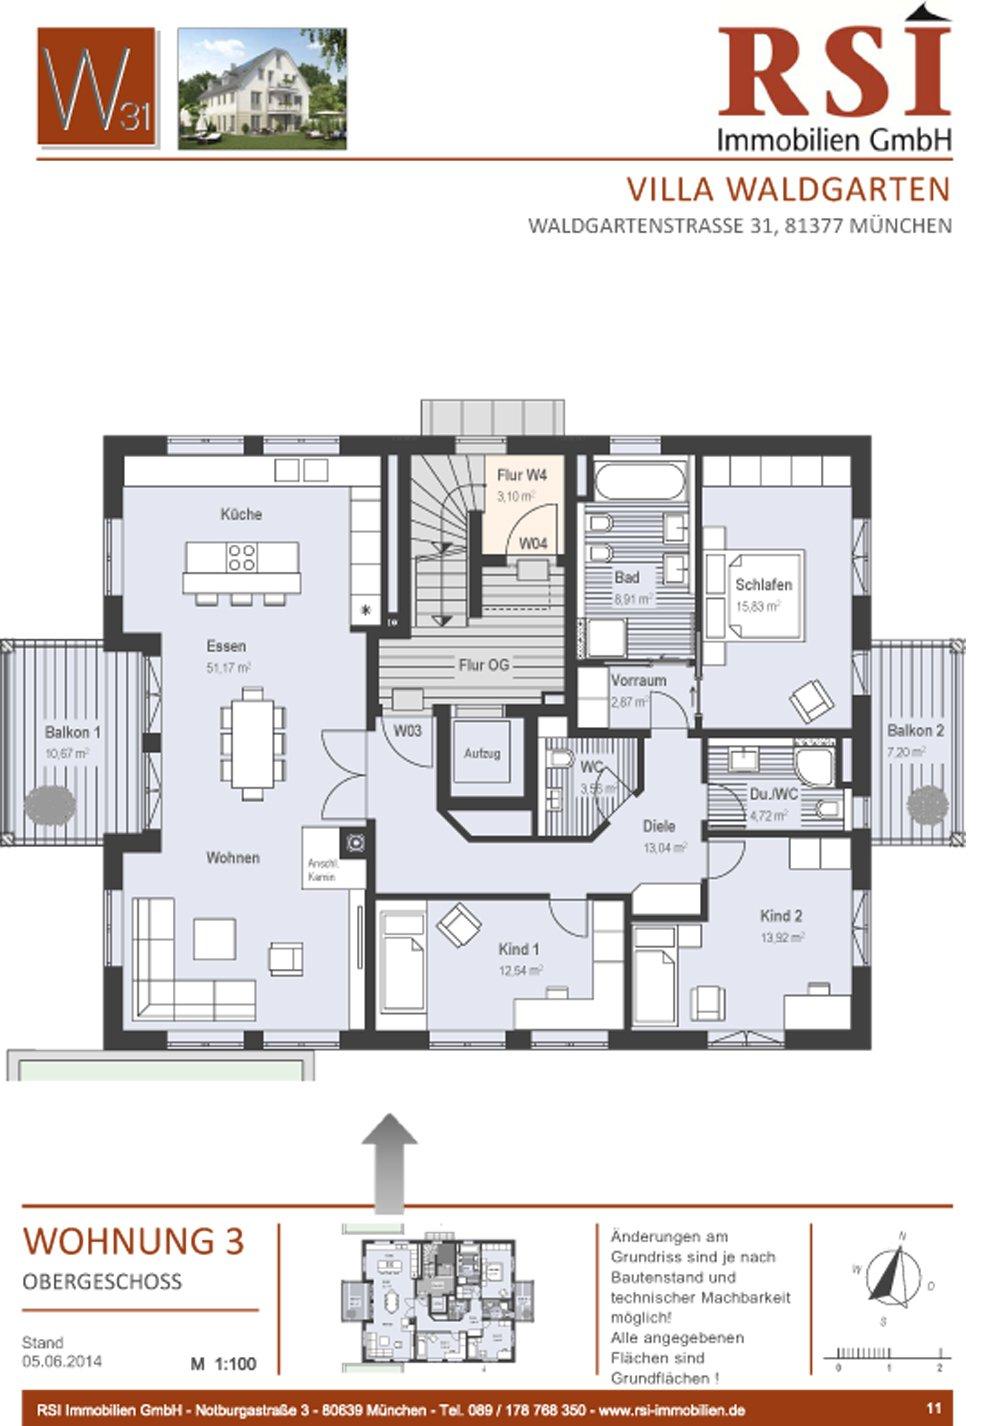 das familienhaus grundrisse und ansichten erdgescho berdachter pictures to pin on pinterest. Black Bedroom Furniture Sets. Home Design Ideas